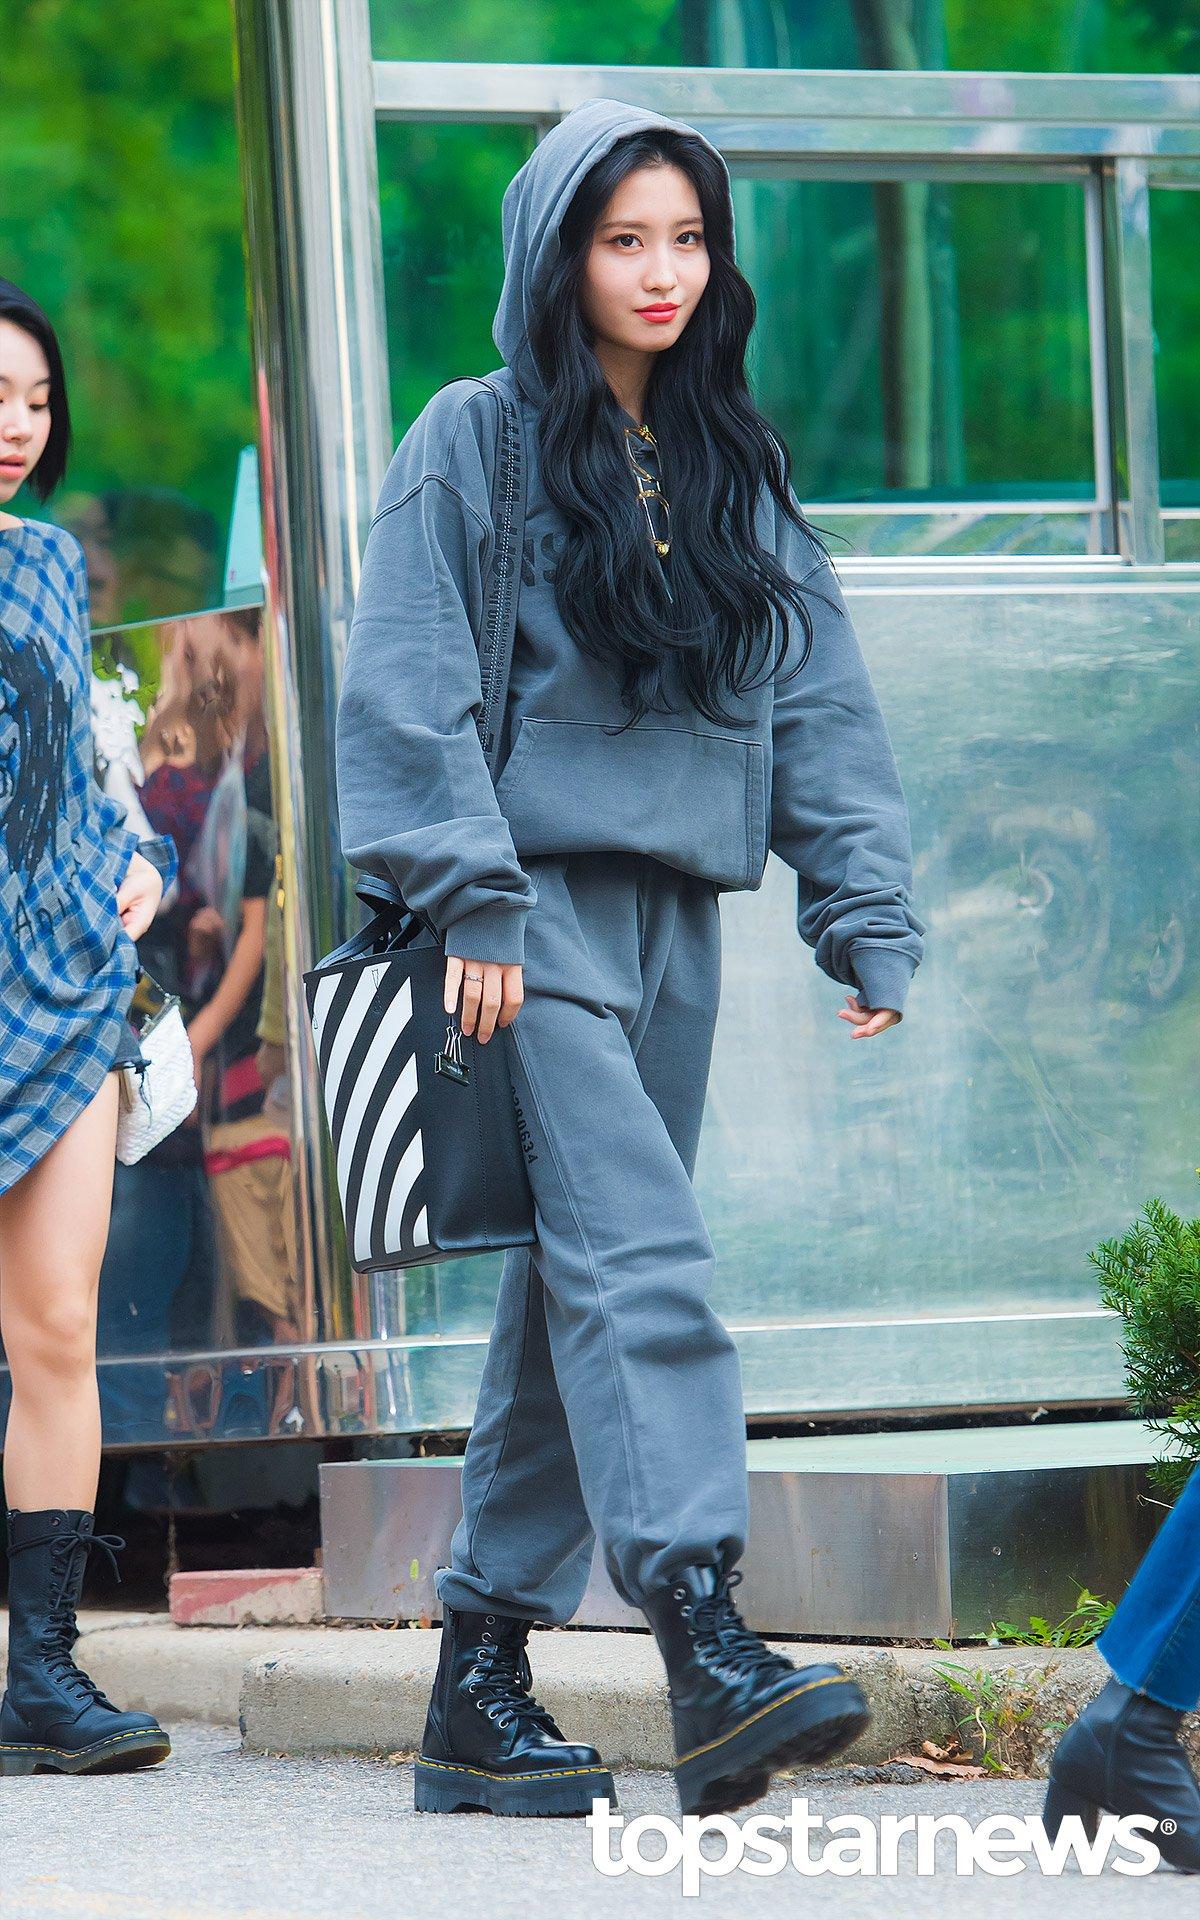 áo hoodie phối cùng quần jeans màu đồng điệu cùng giày cổ cao chiến binh